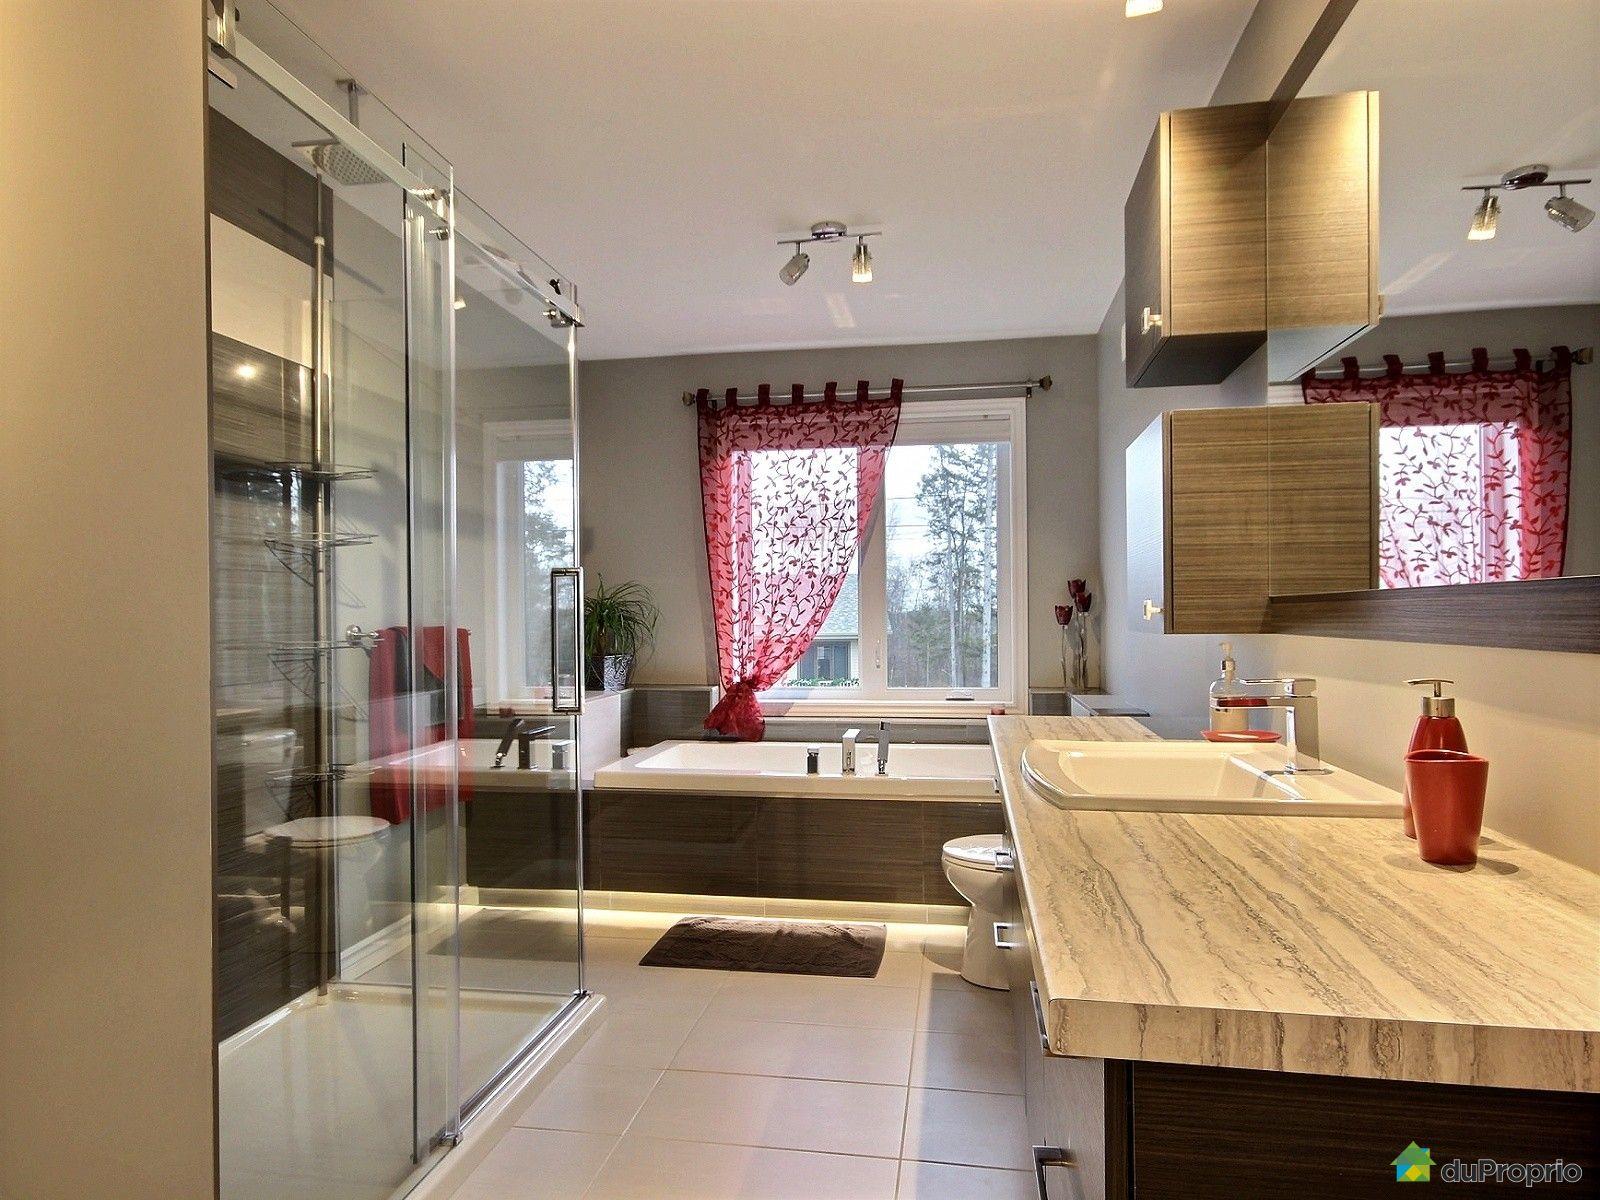 Maison vendre drummondville 1215 rue paul le jeune for Salle de bain commune a deux chambres